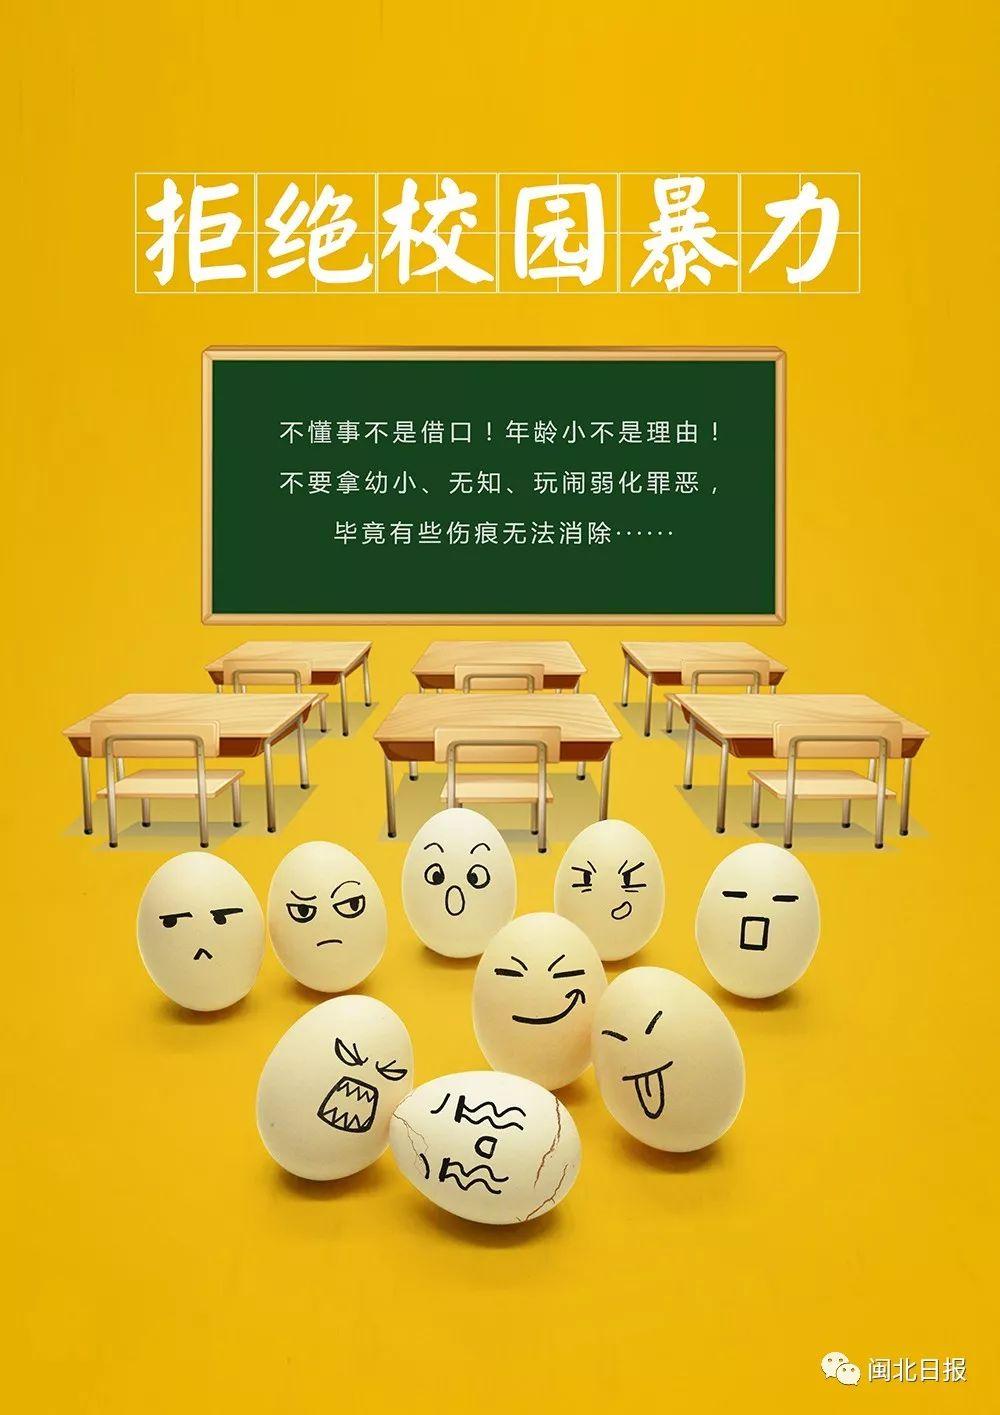 南平市2019年讲汽车树文明新风广告设计设计广州大赛公益图片